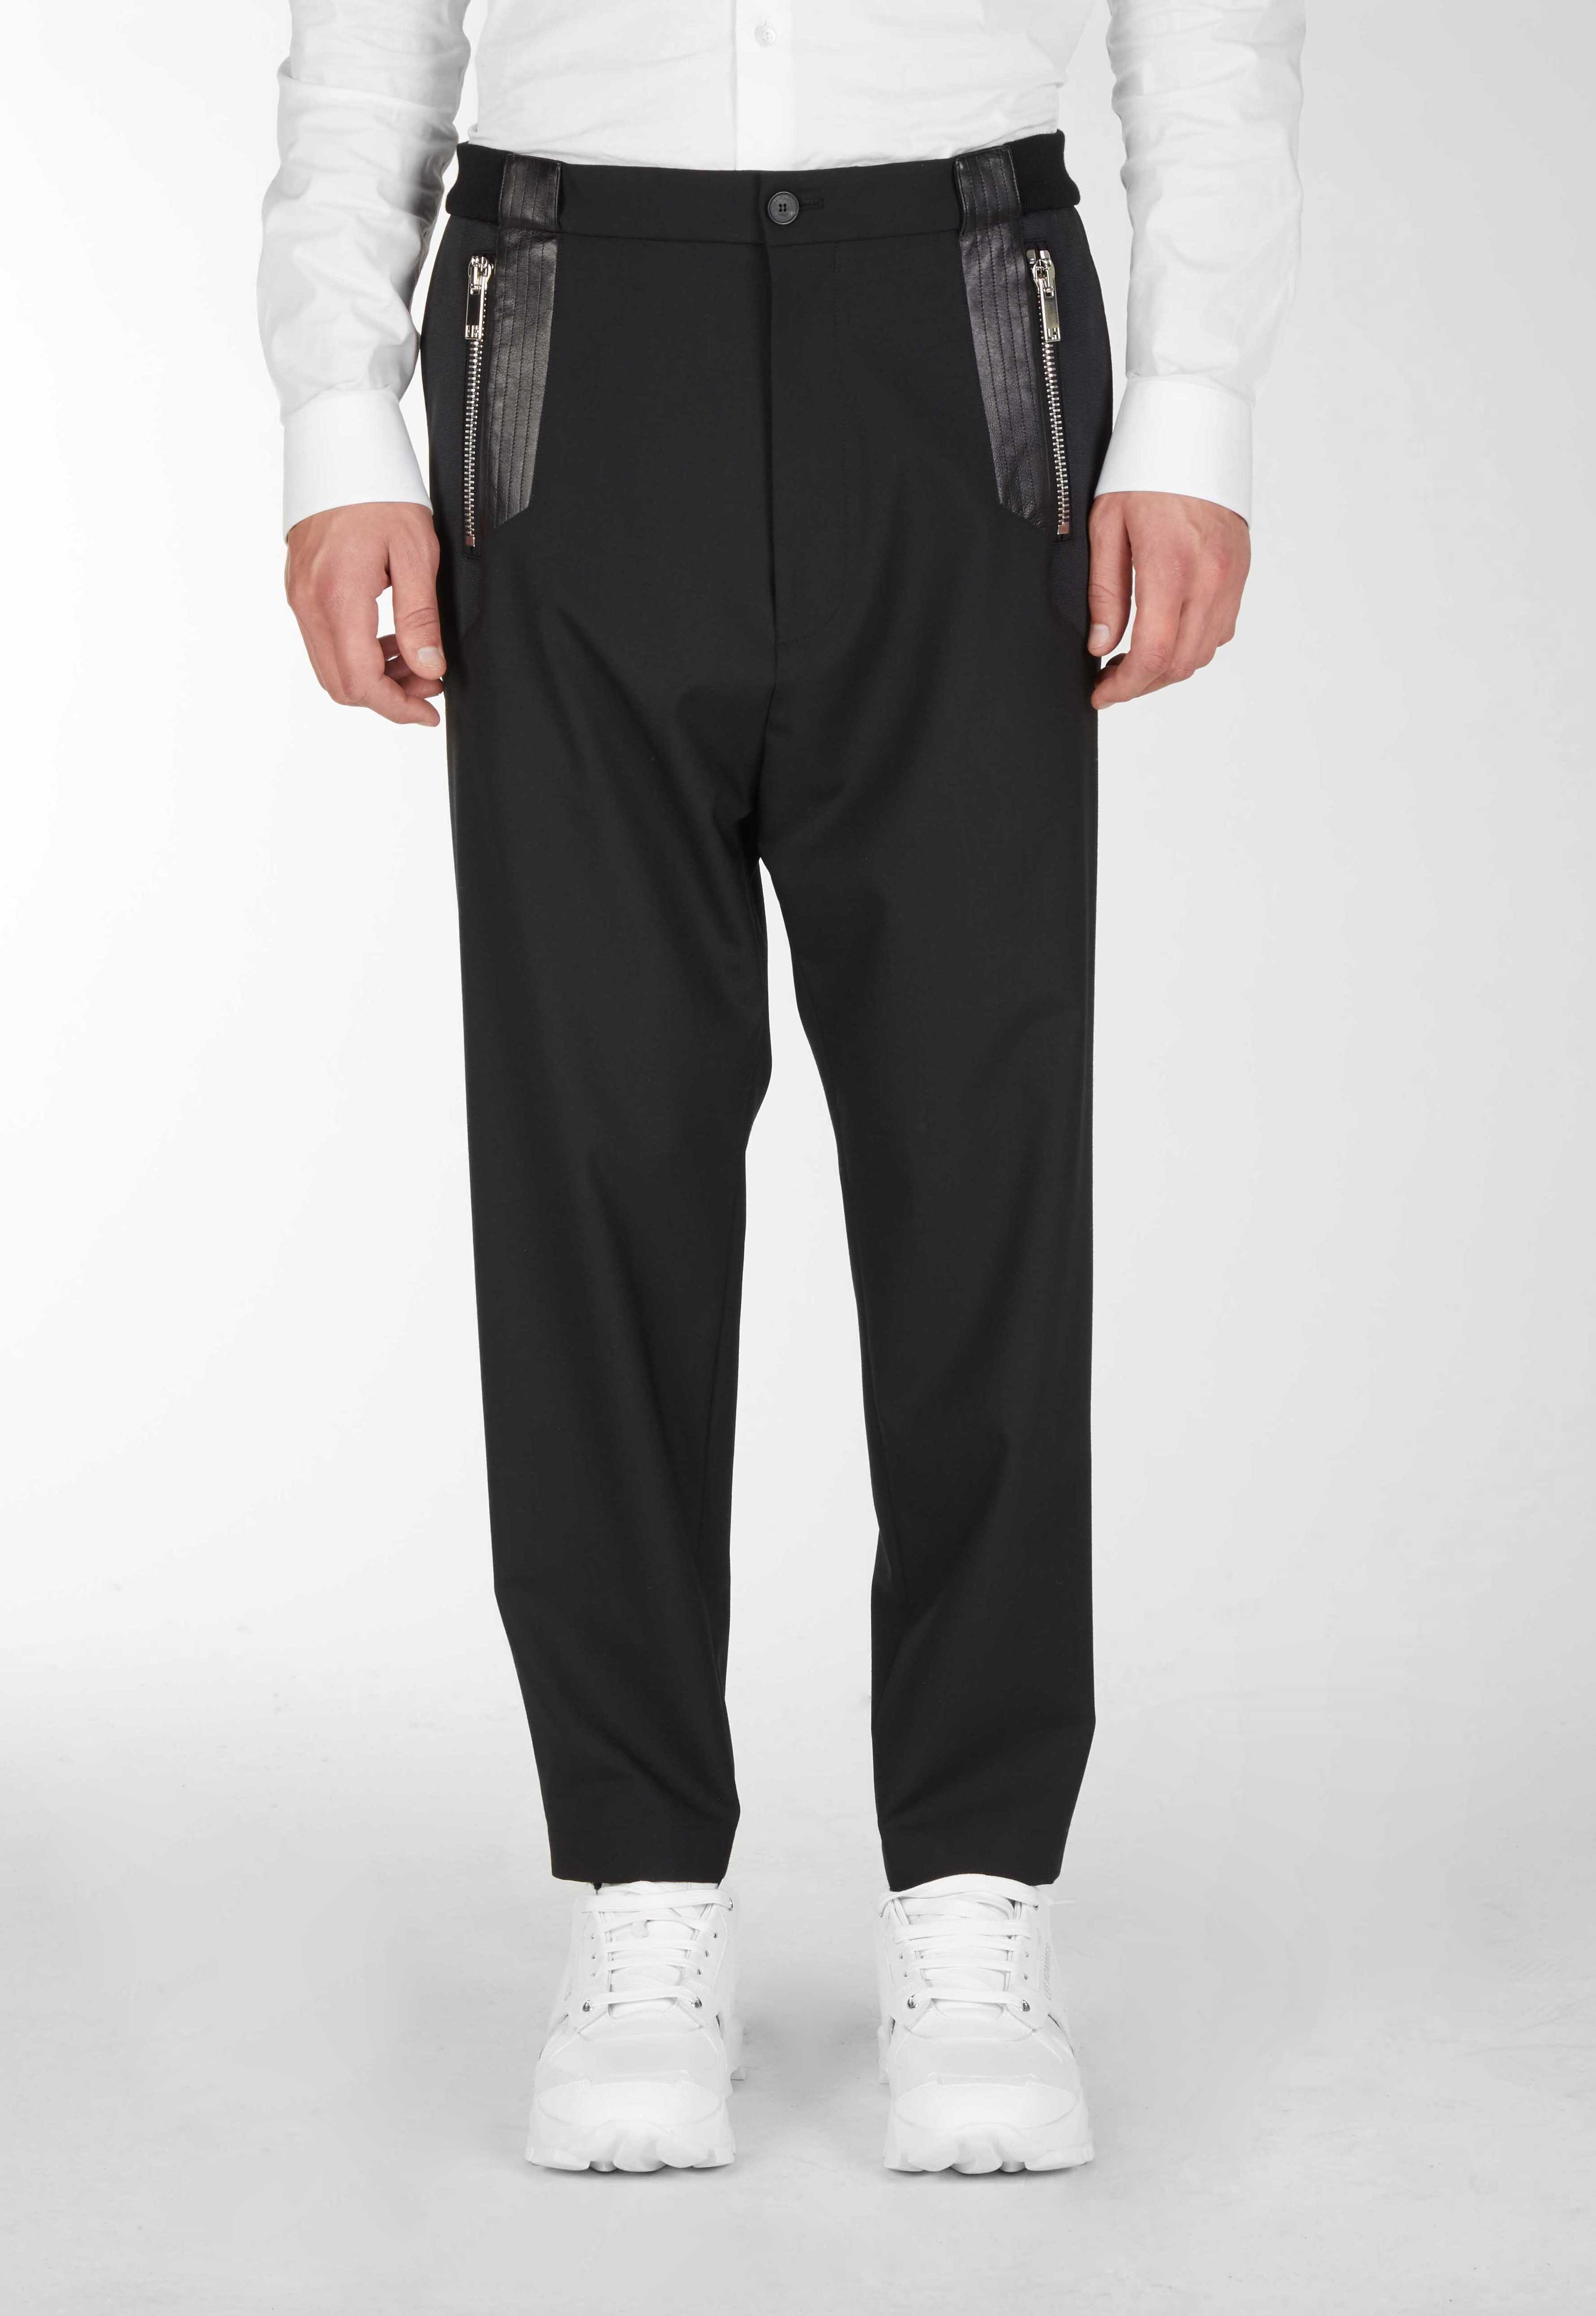 Pantaloni Con Tasche In Pelle - Les Hommes